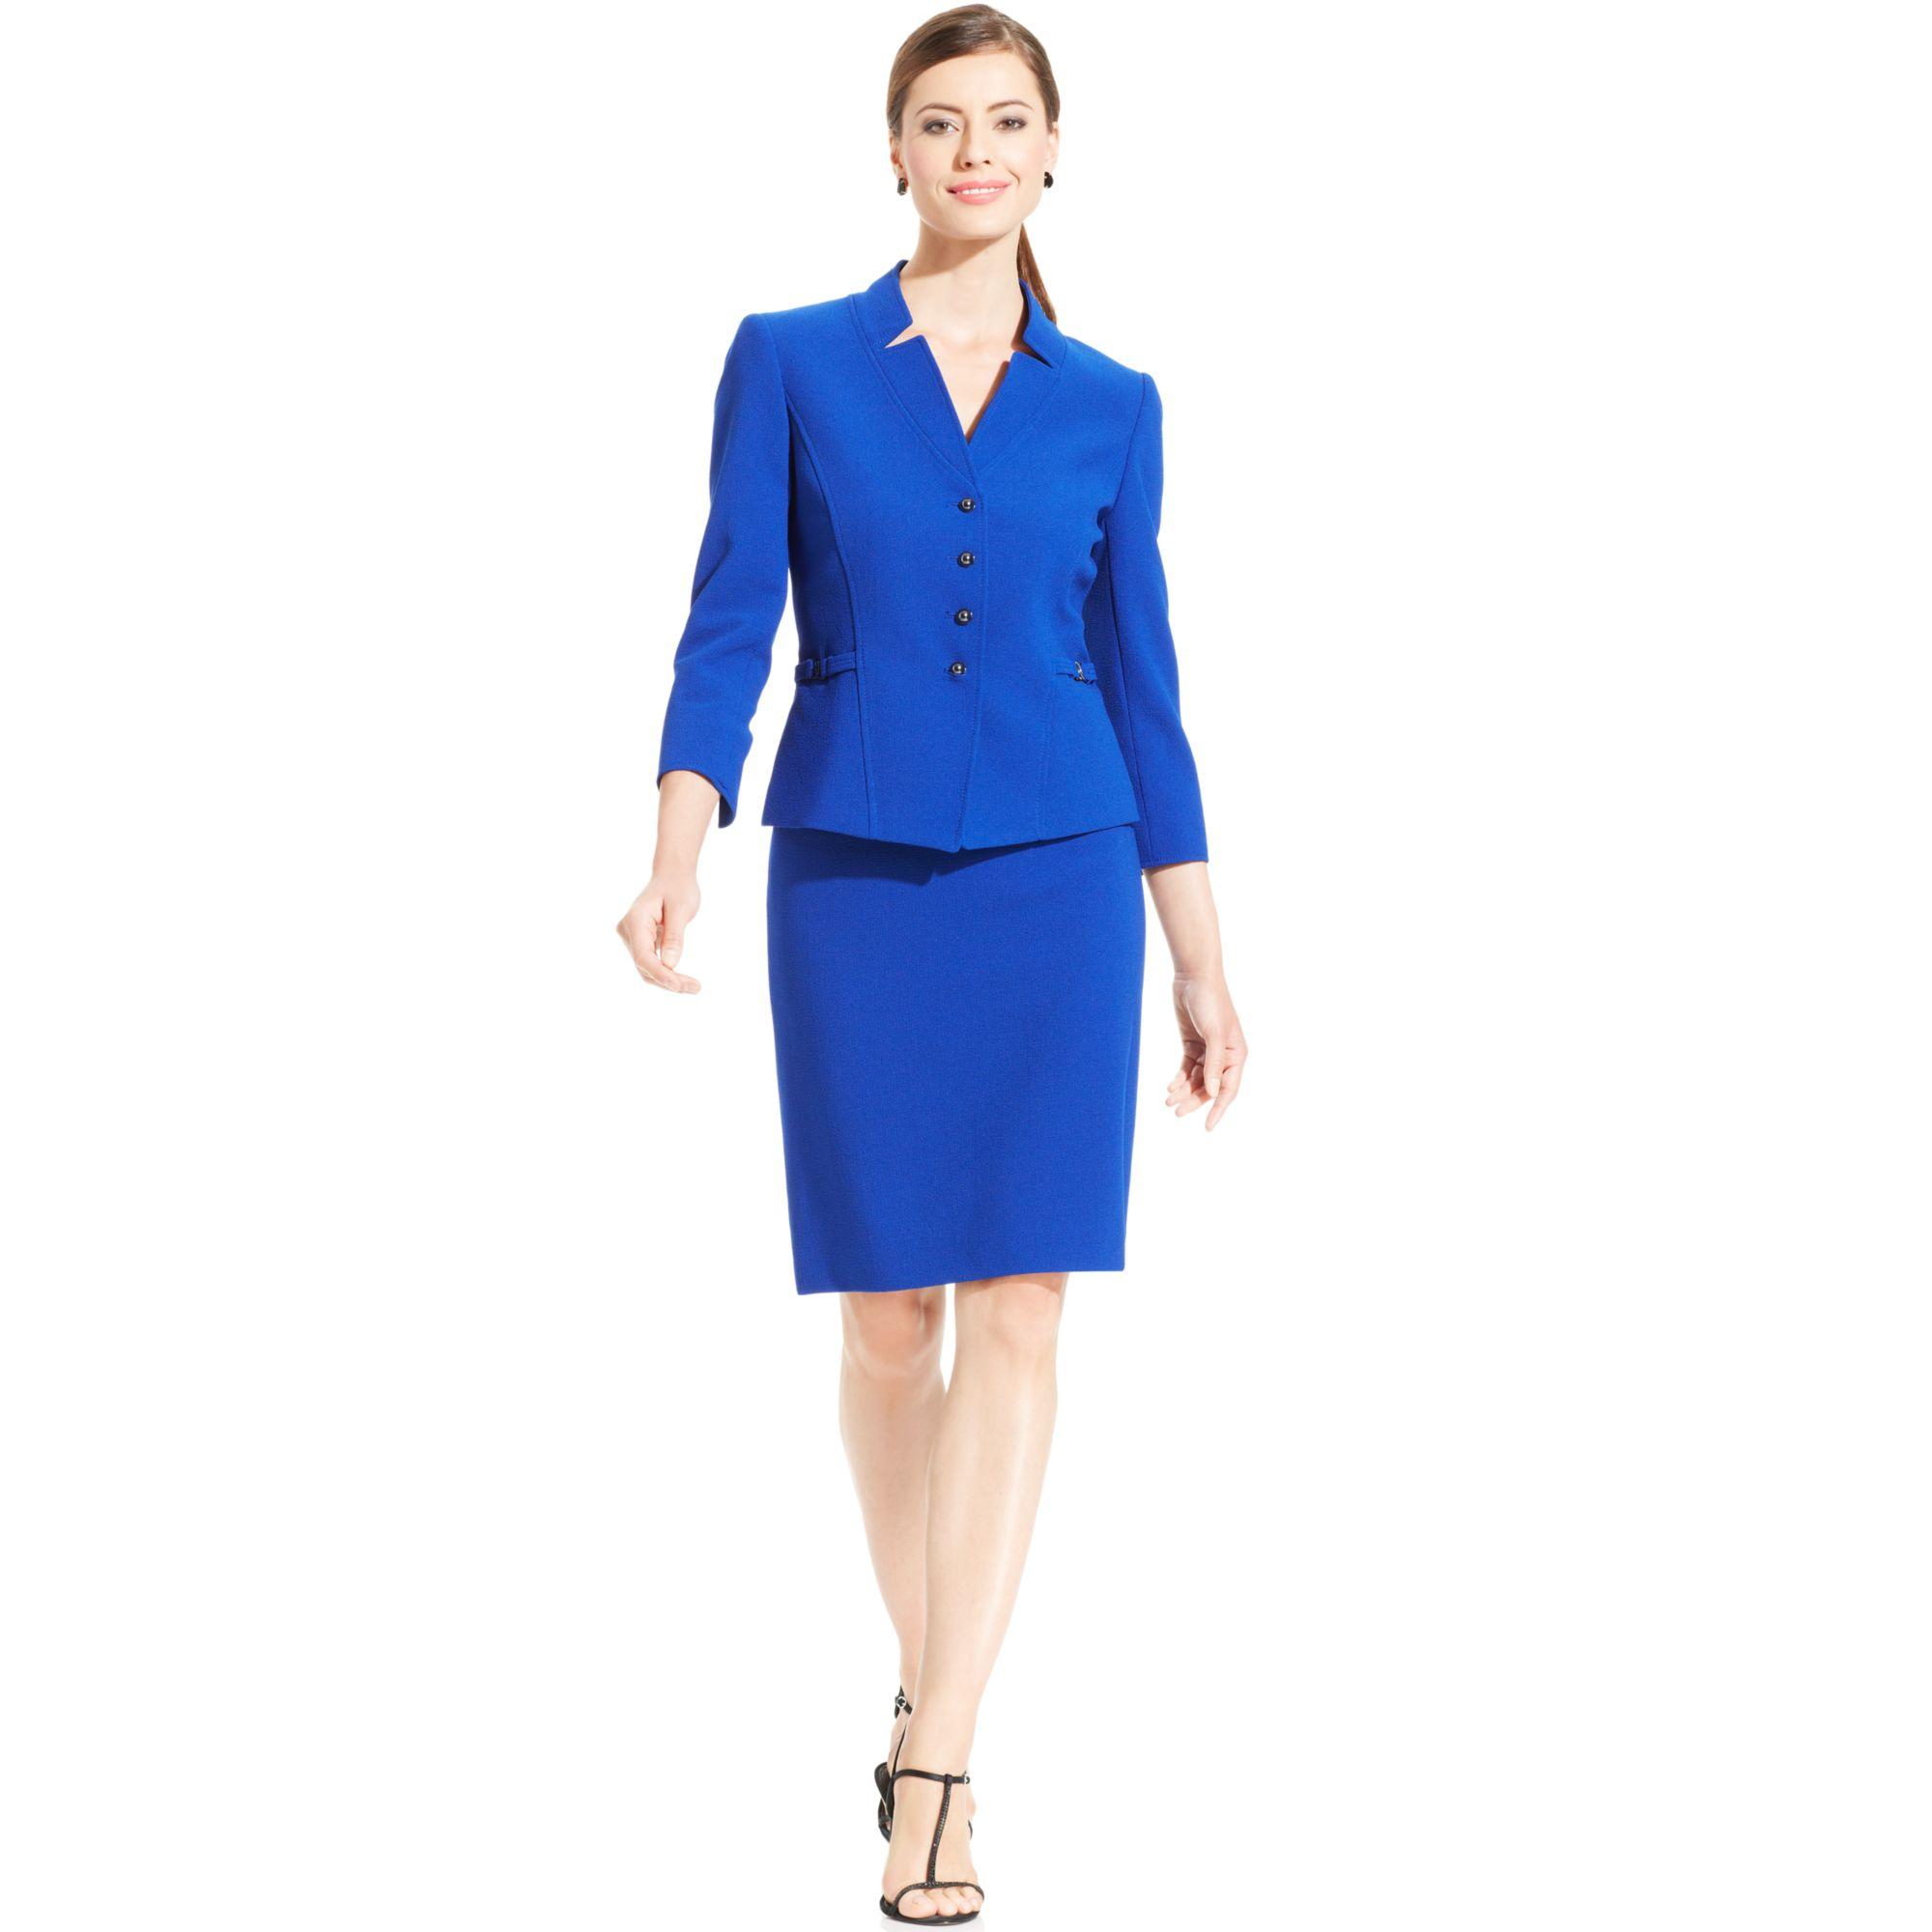 tahari asl textured crepe skirt suit in blue royal